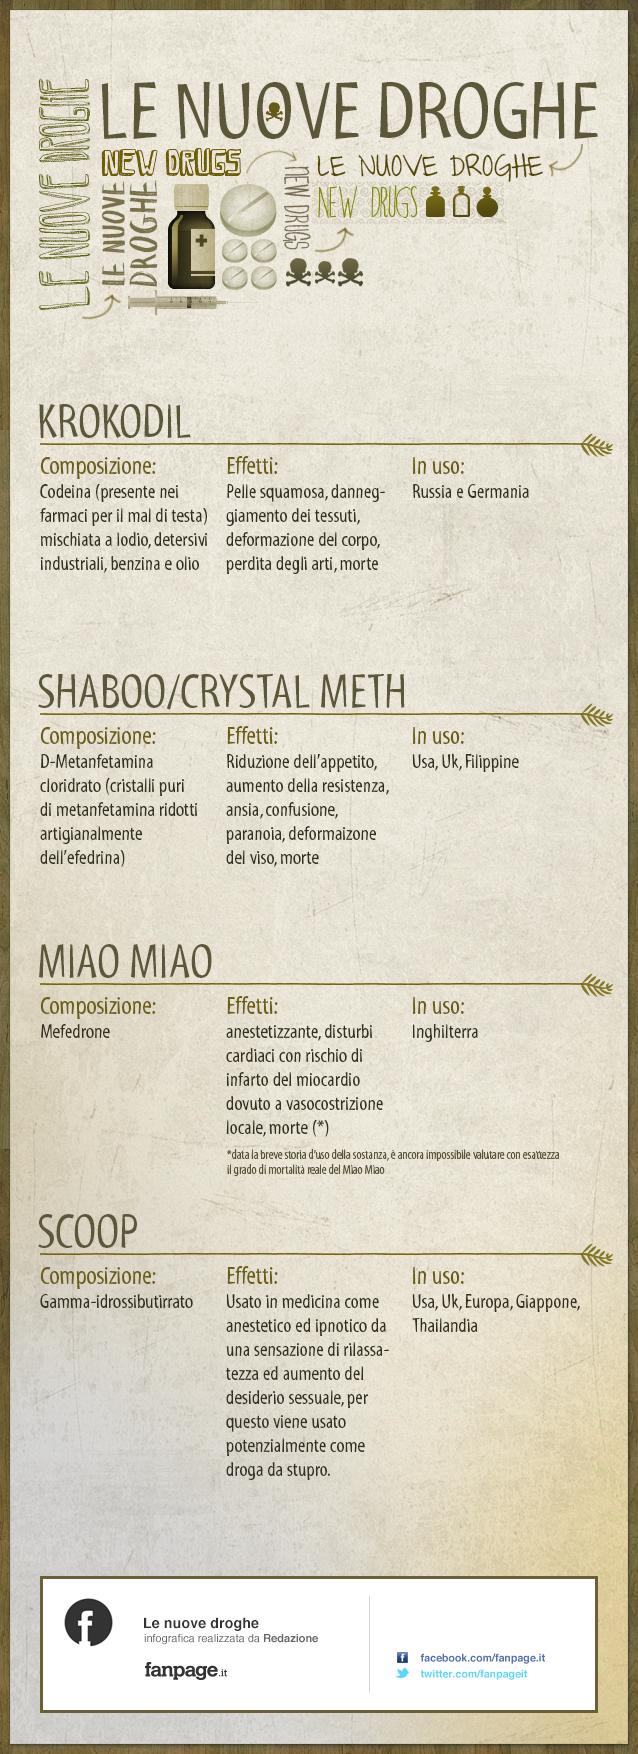 infografica-droghe (1)